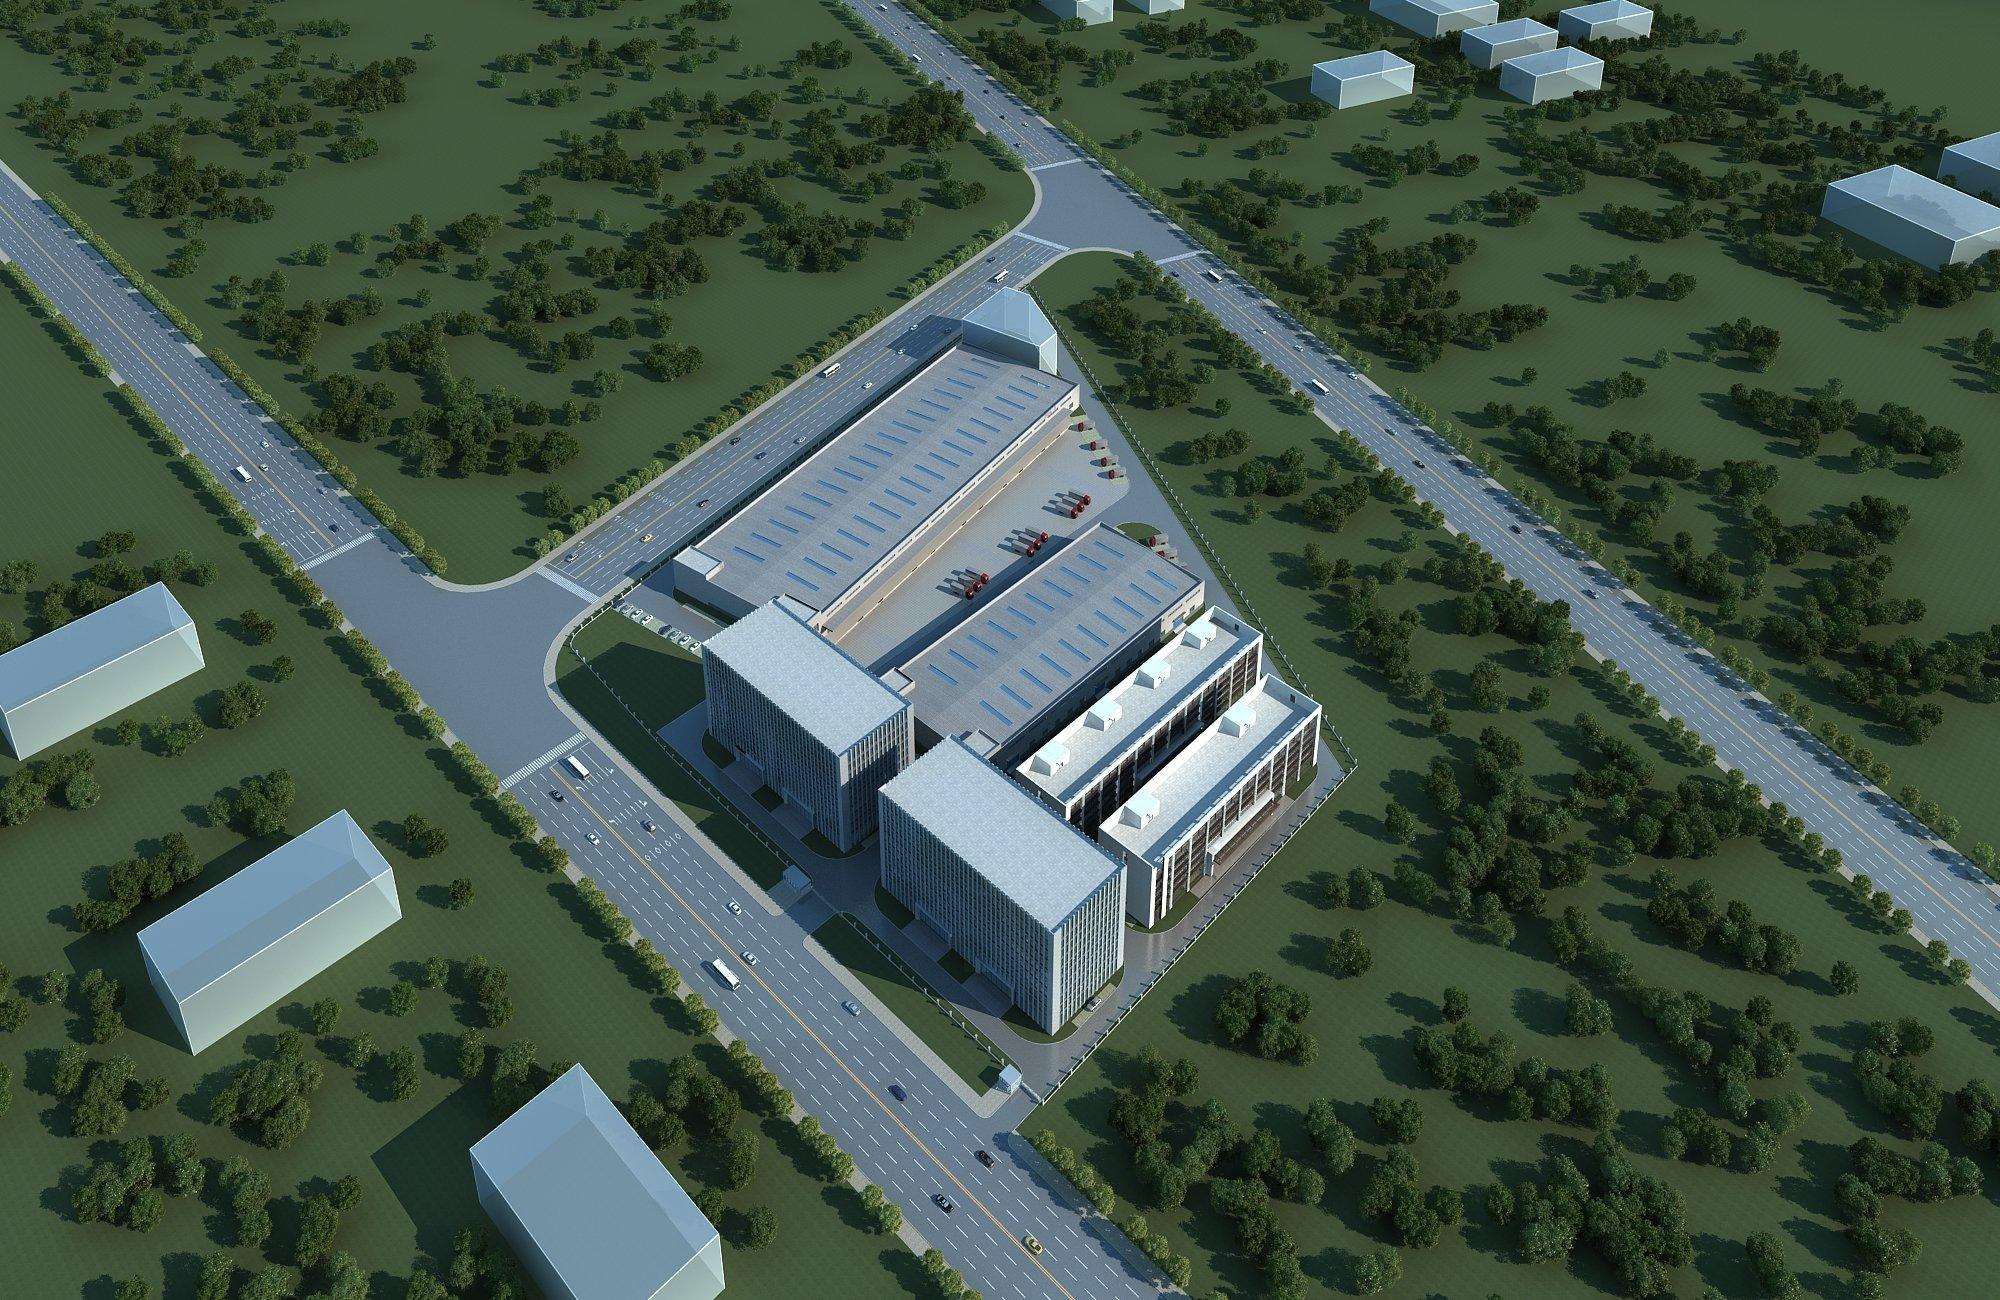 售前川24米跨高标钢构厂房,高11.8米-图3